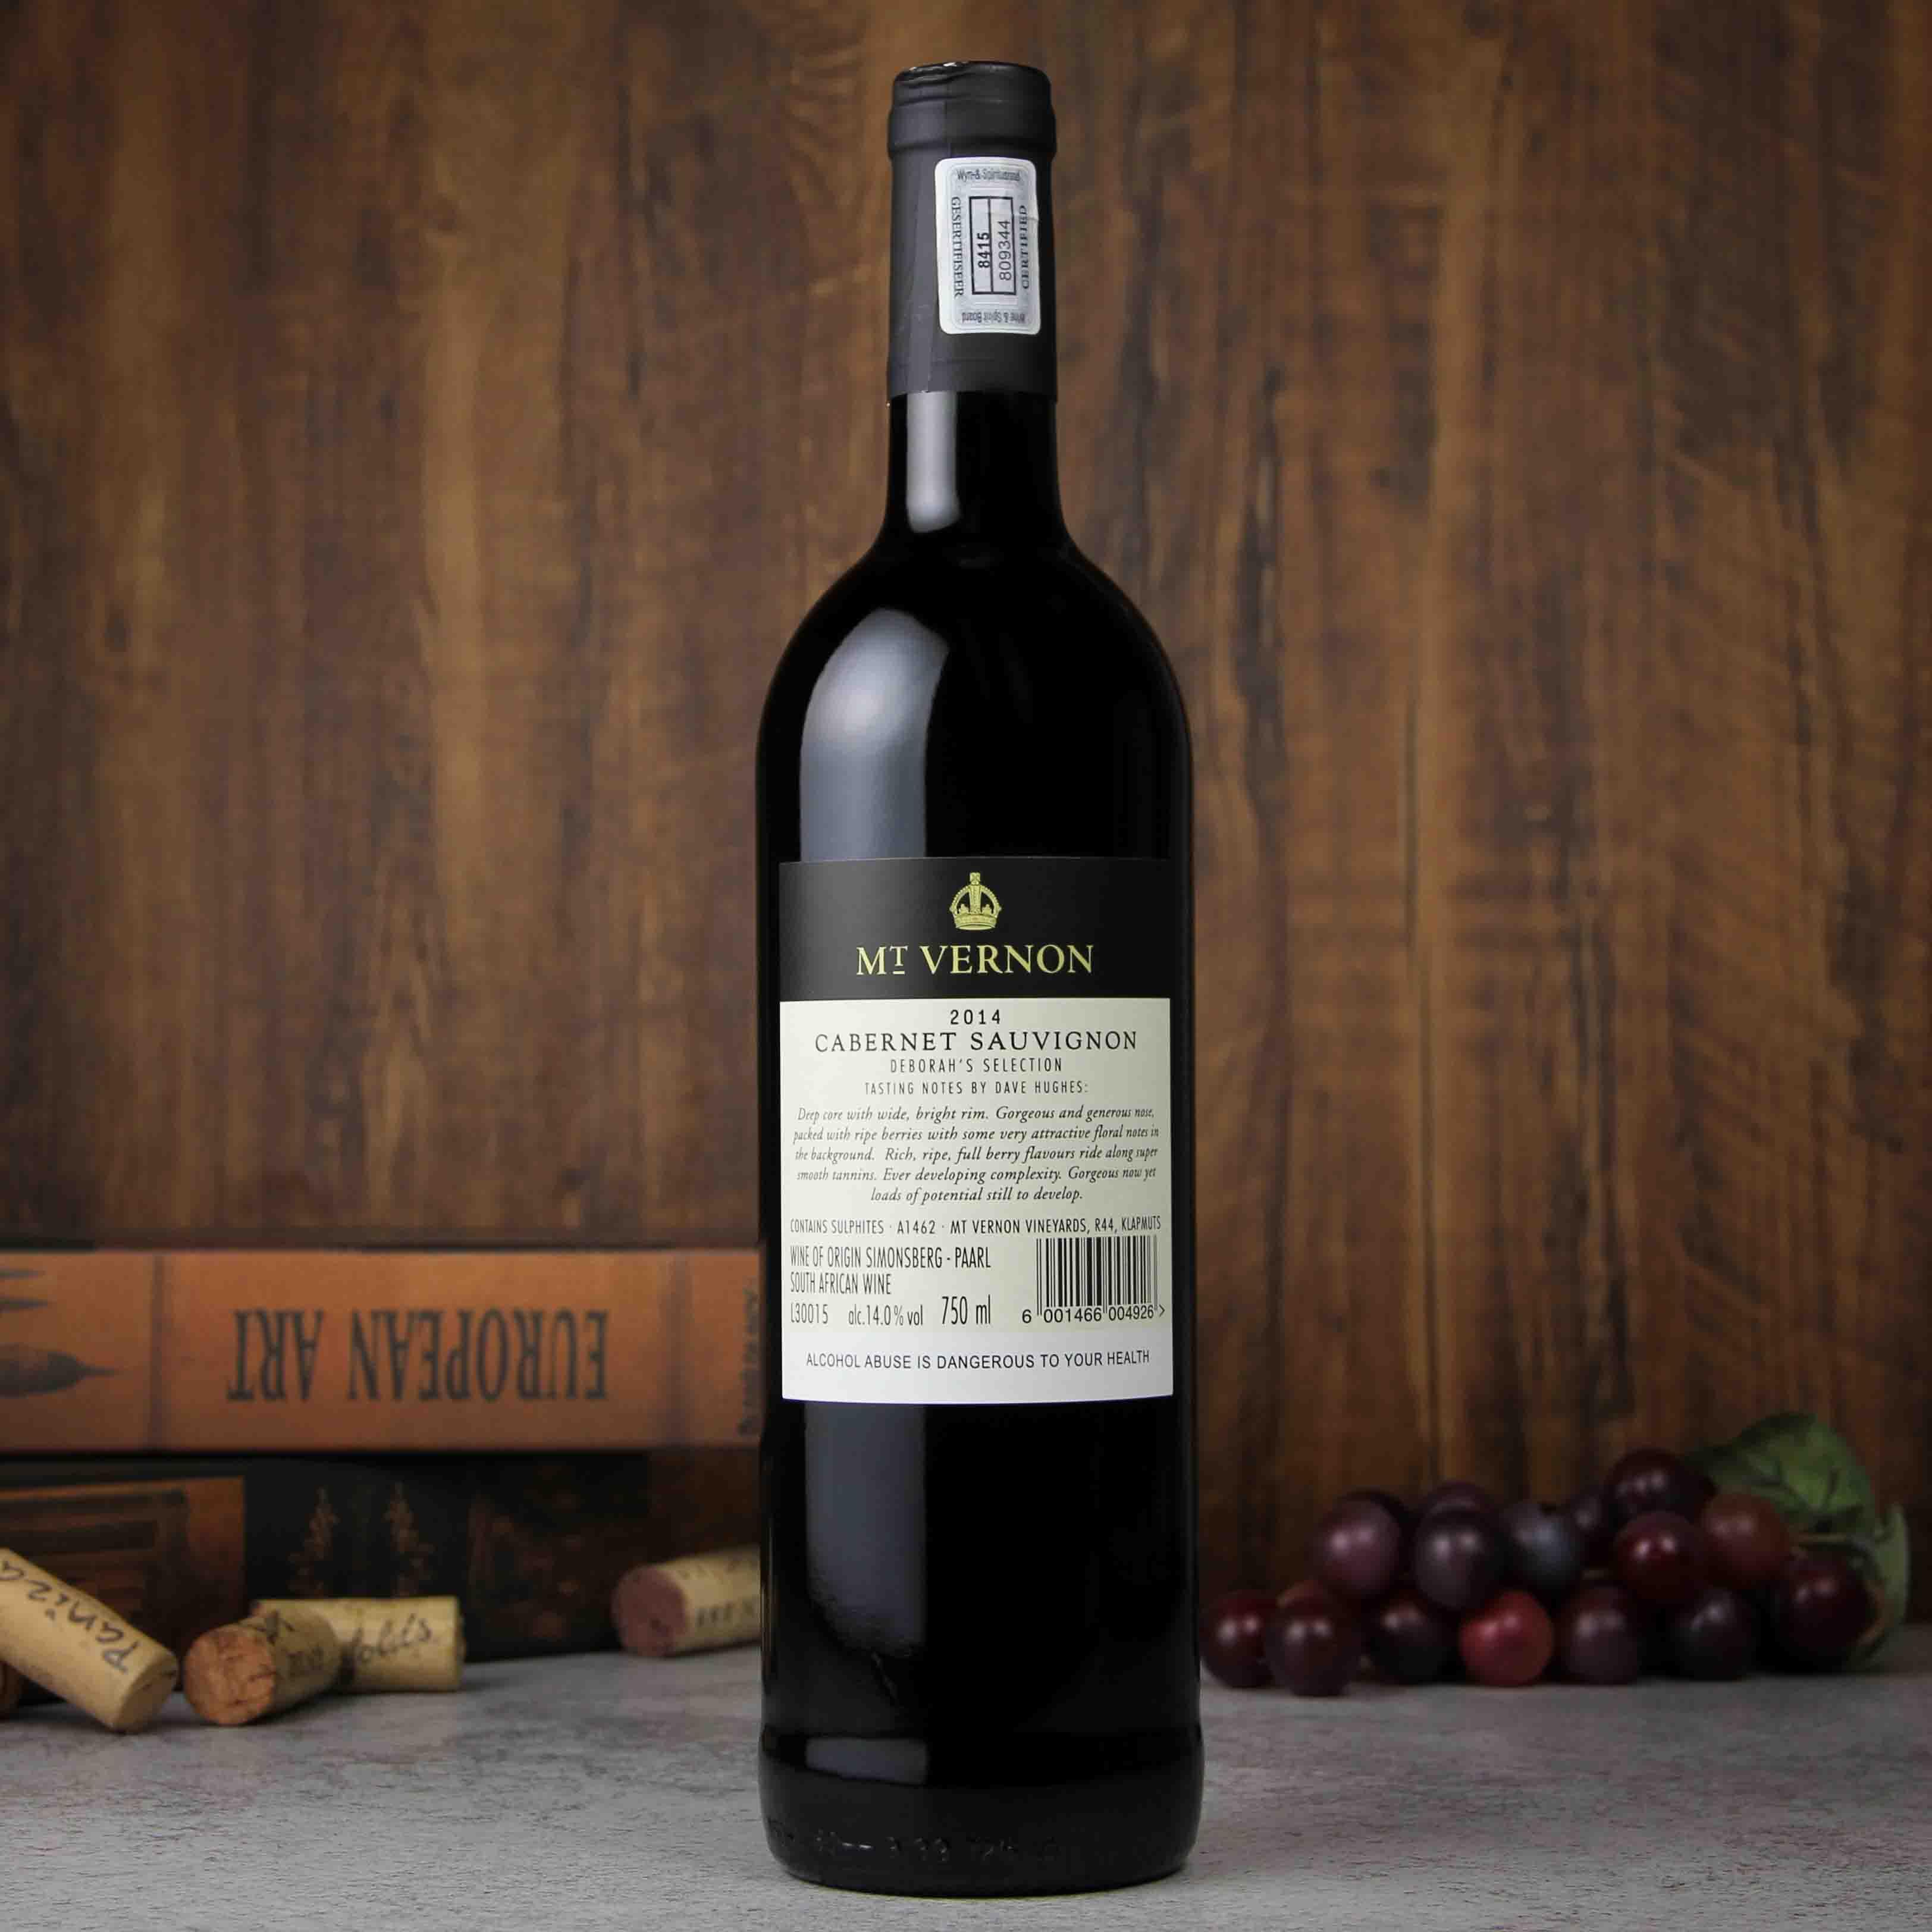 南非帕尔-西蒙伯格弗农山酒庄赤霞珠红葡萄酒